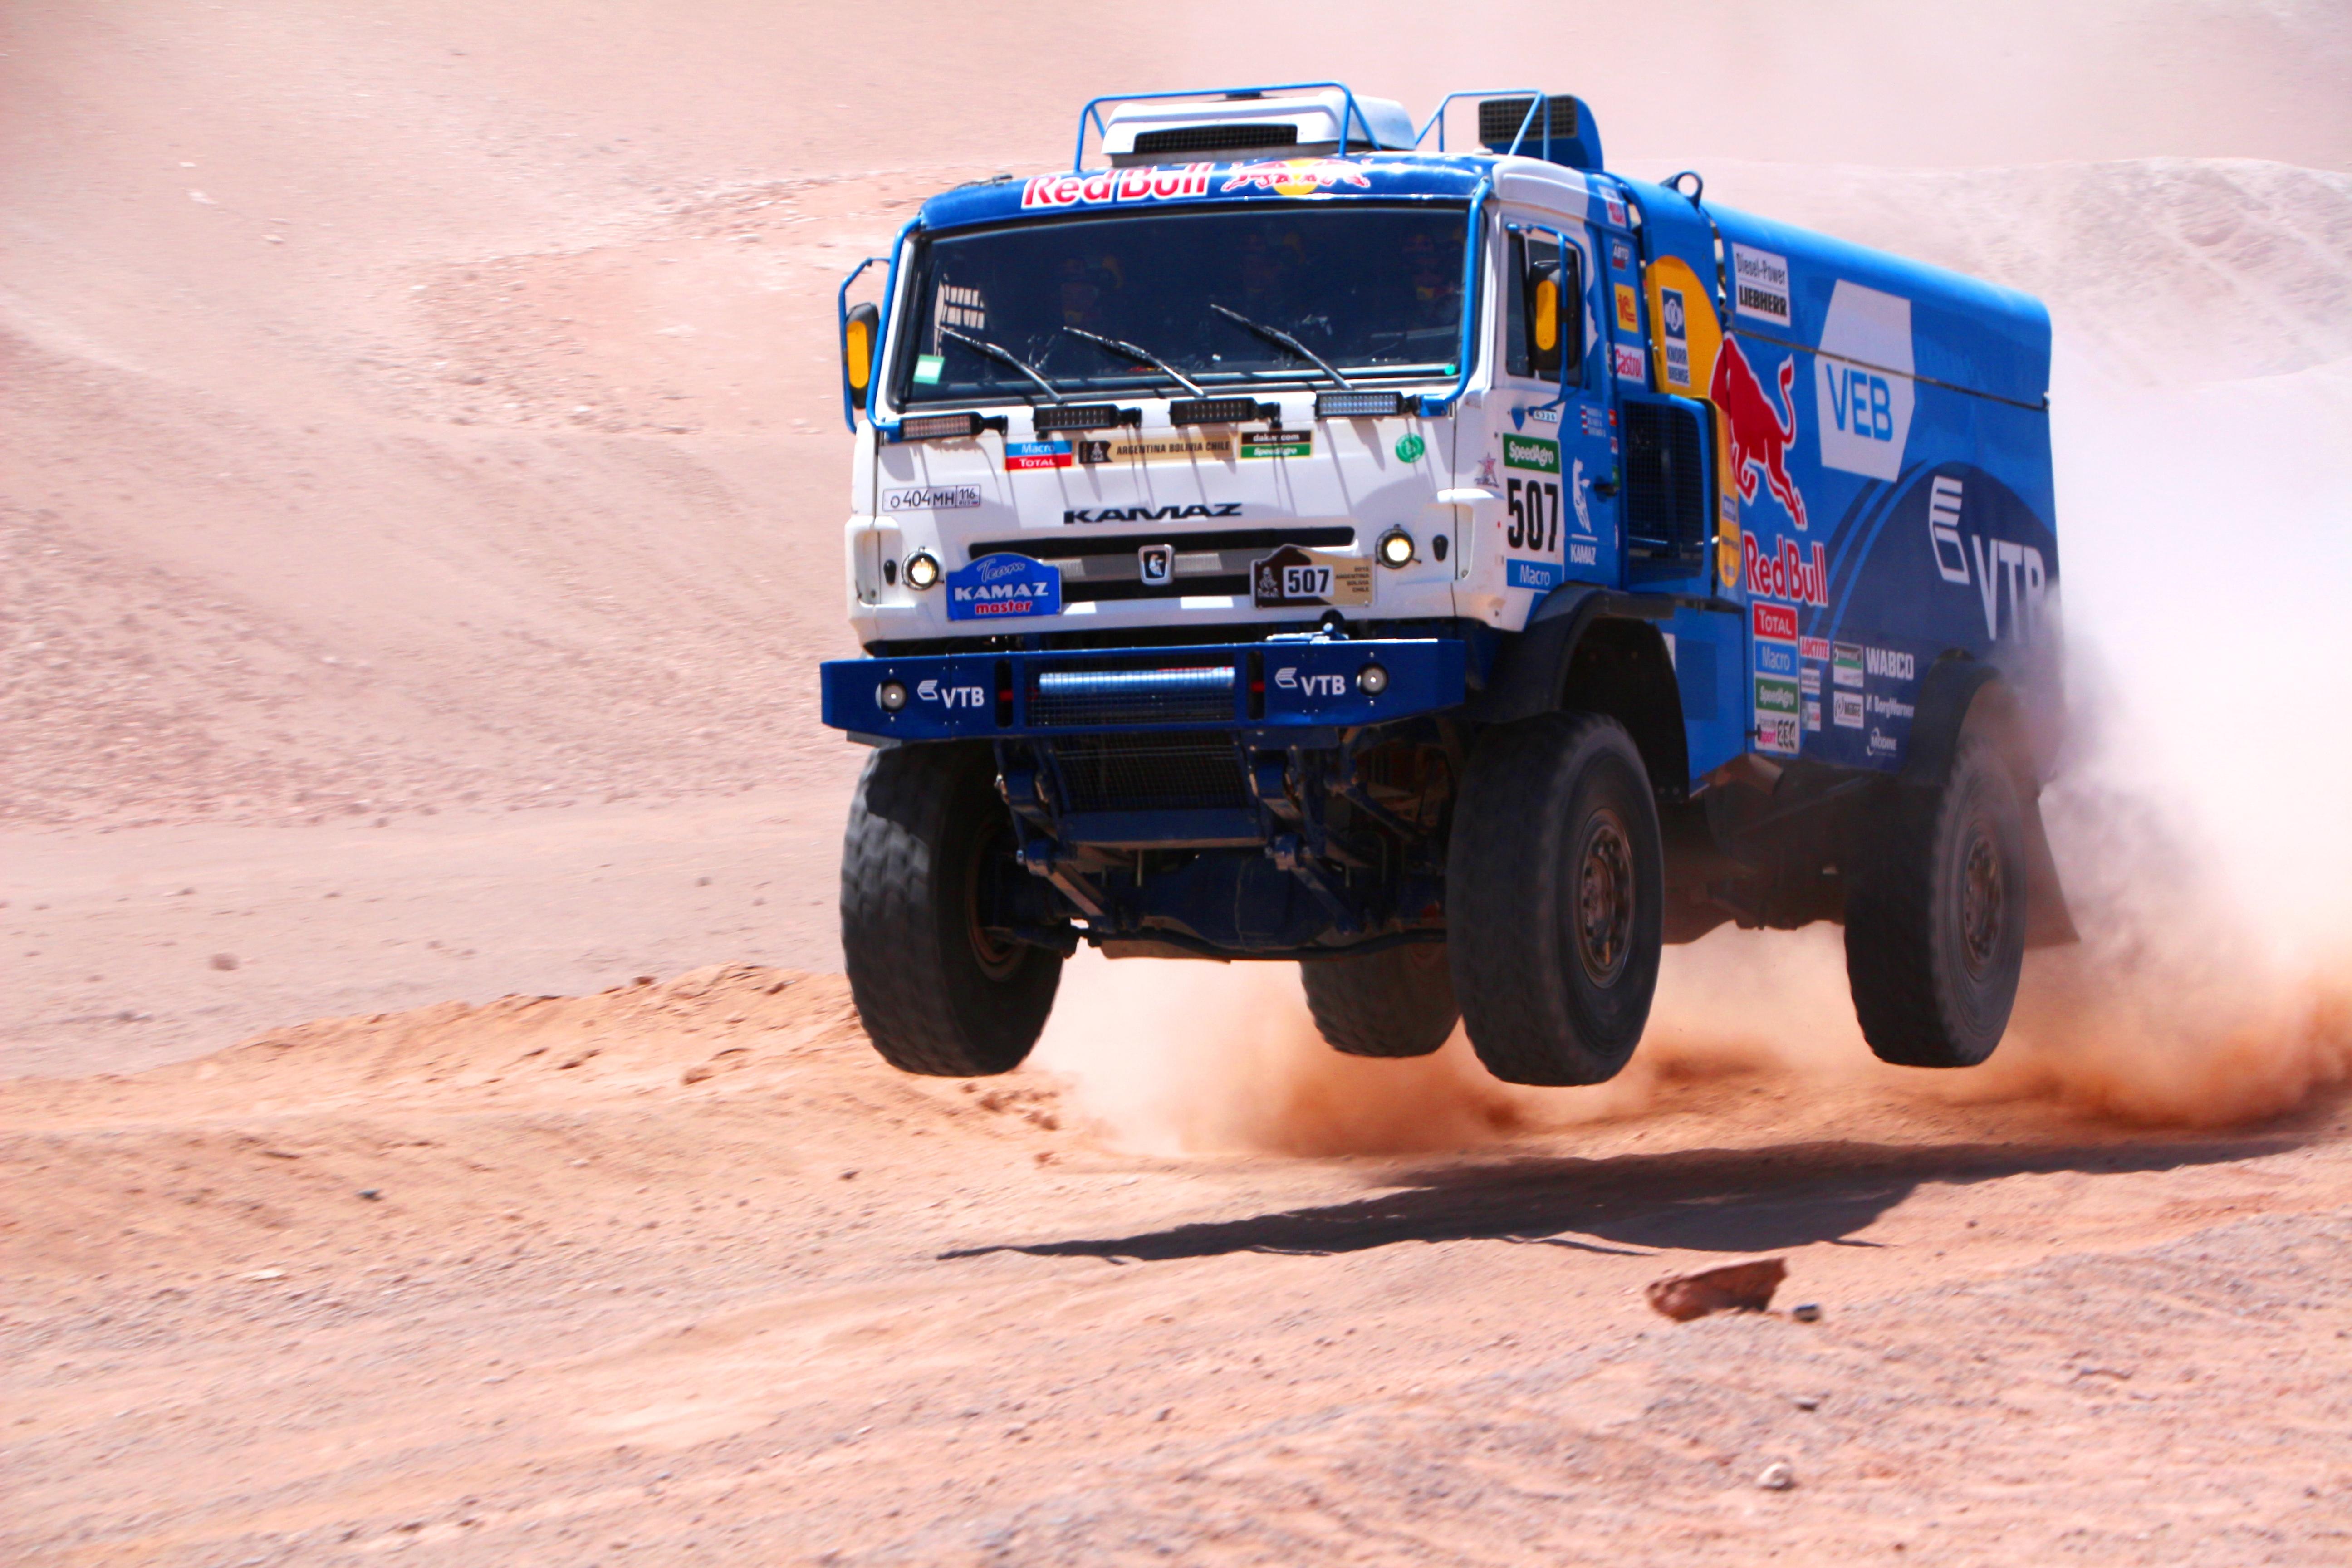 Dakar Truck Class Photo: euracti.com